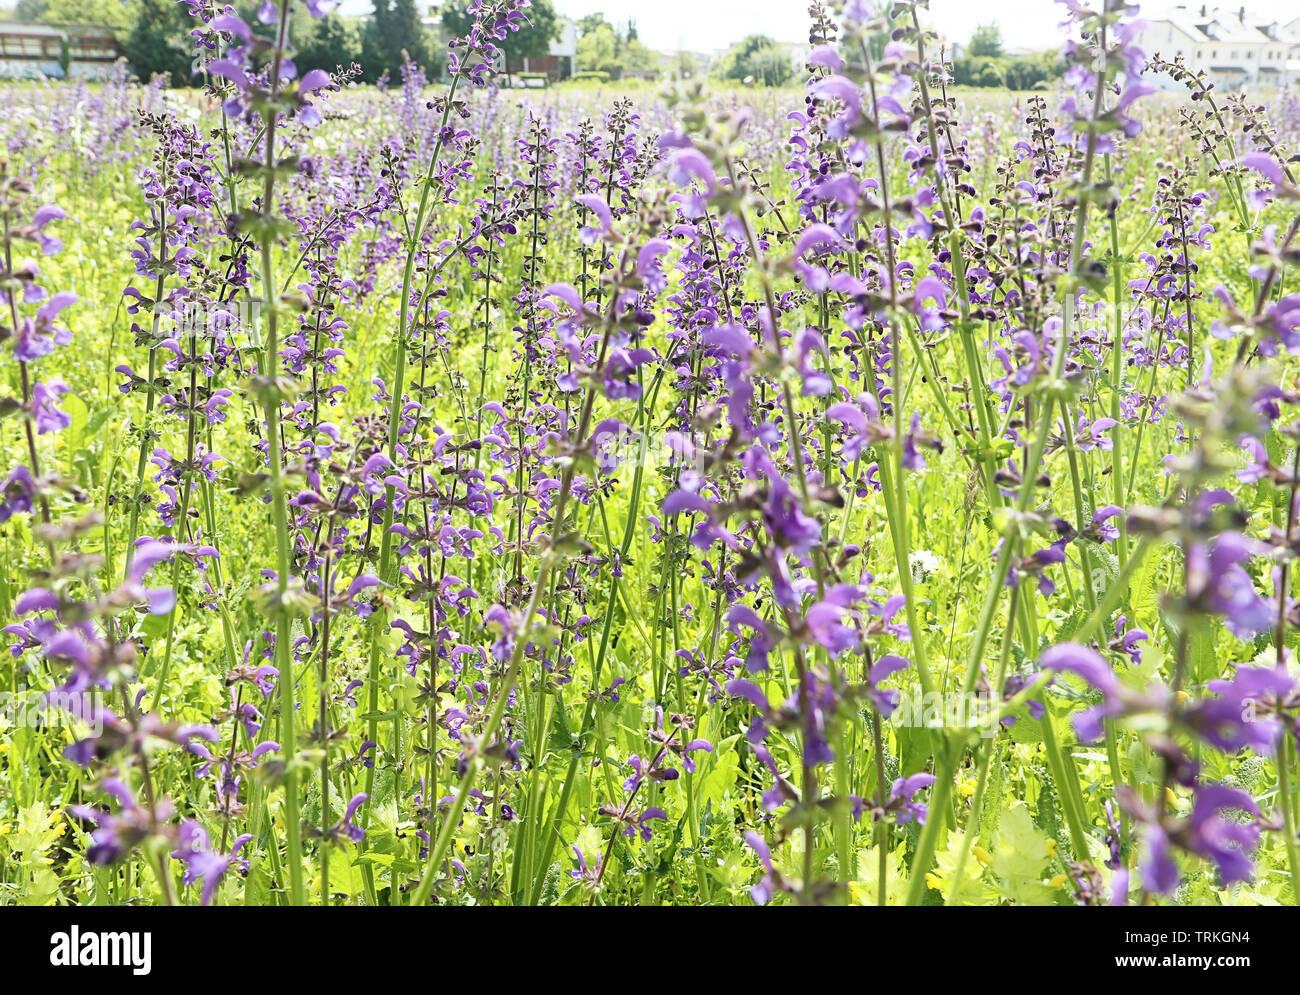 Près d'un champ de printemps plein de belles fleurs lupin sauvage mauve spontanée. Nature printemps antécédents, soft focus et blur Banque D'Images